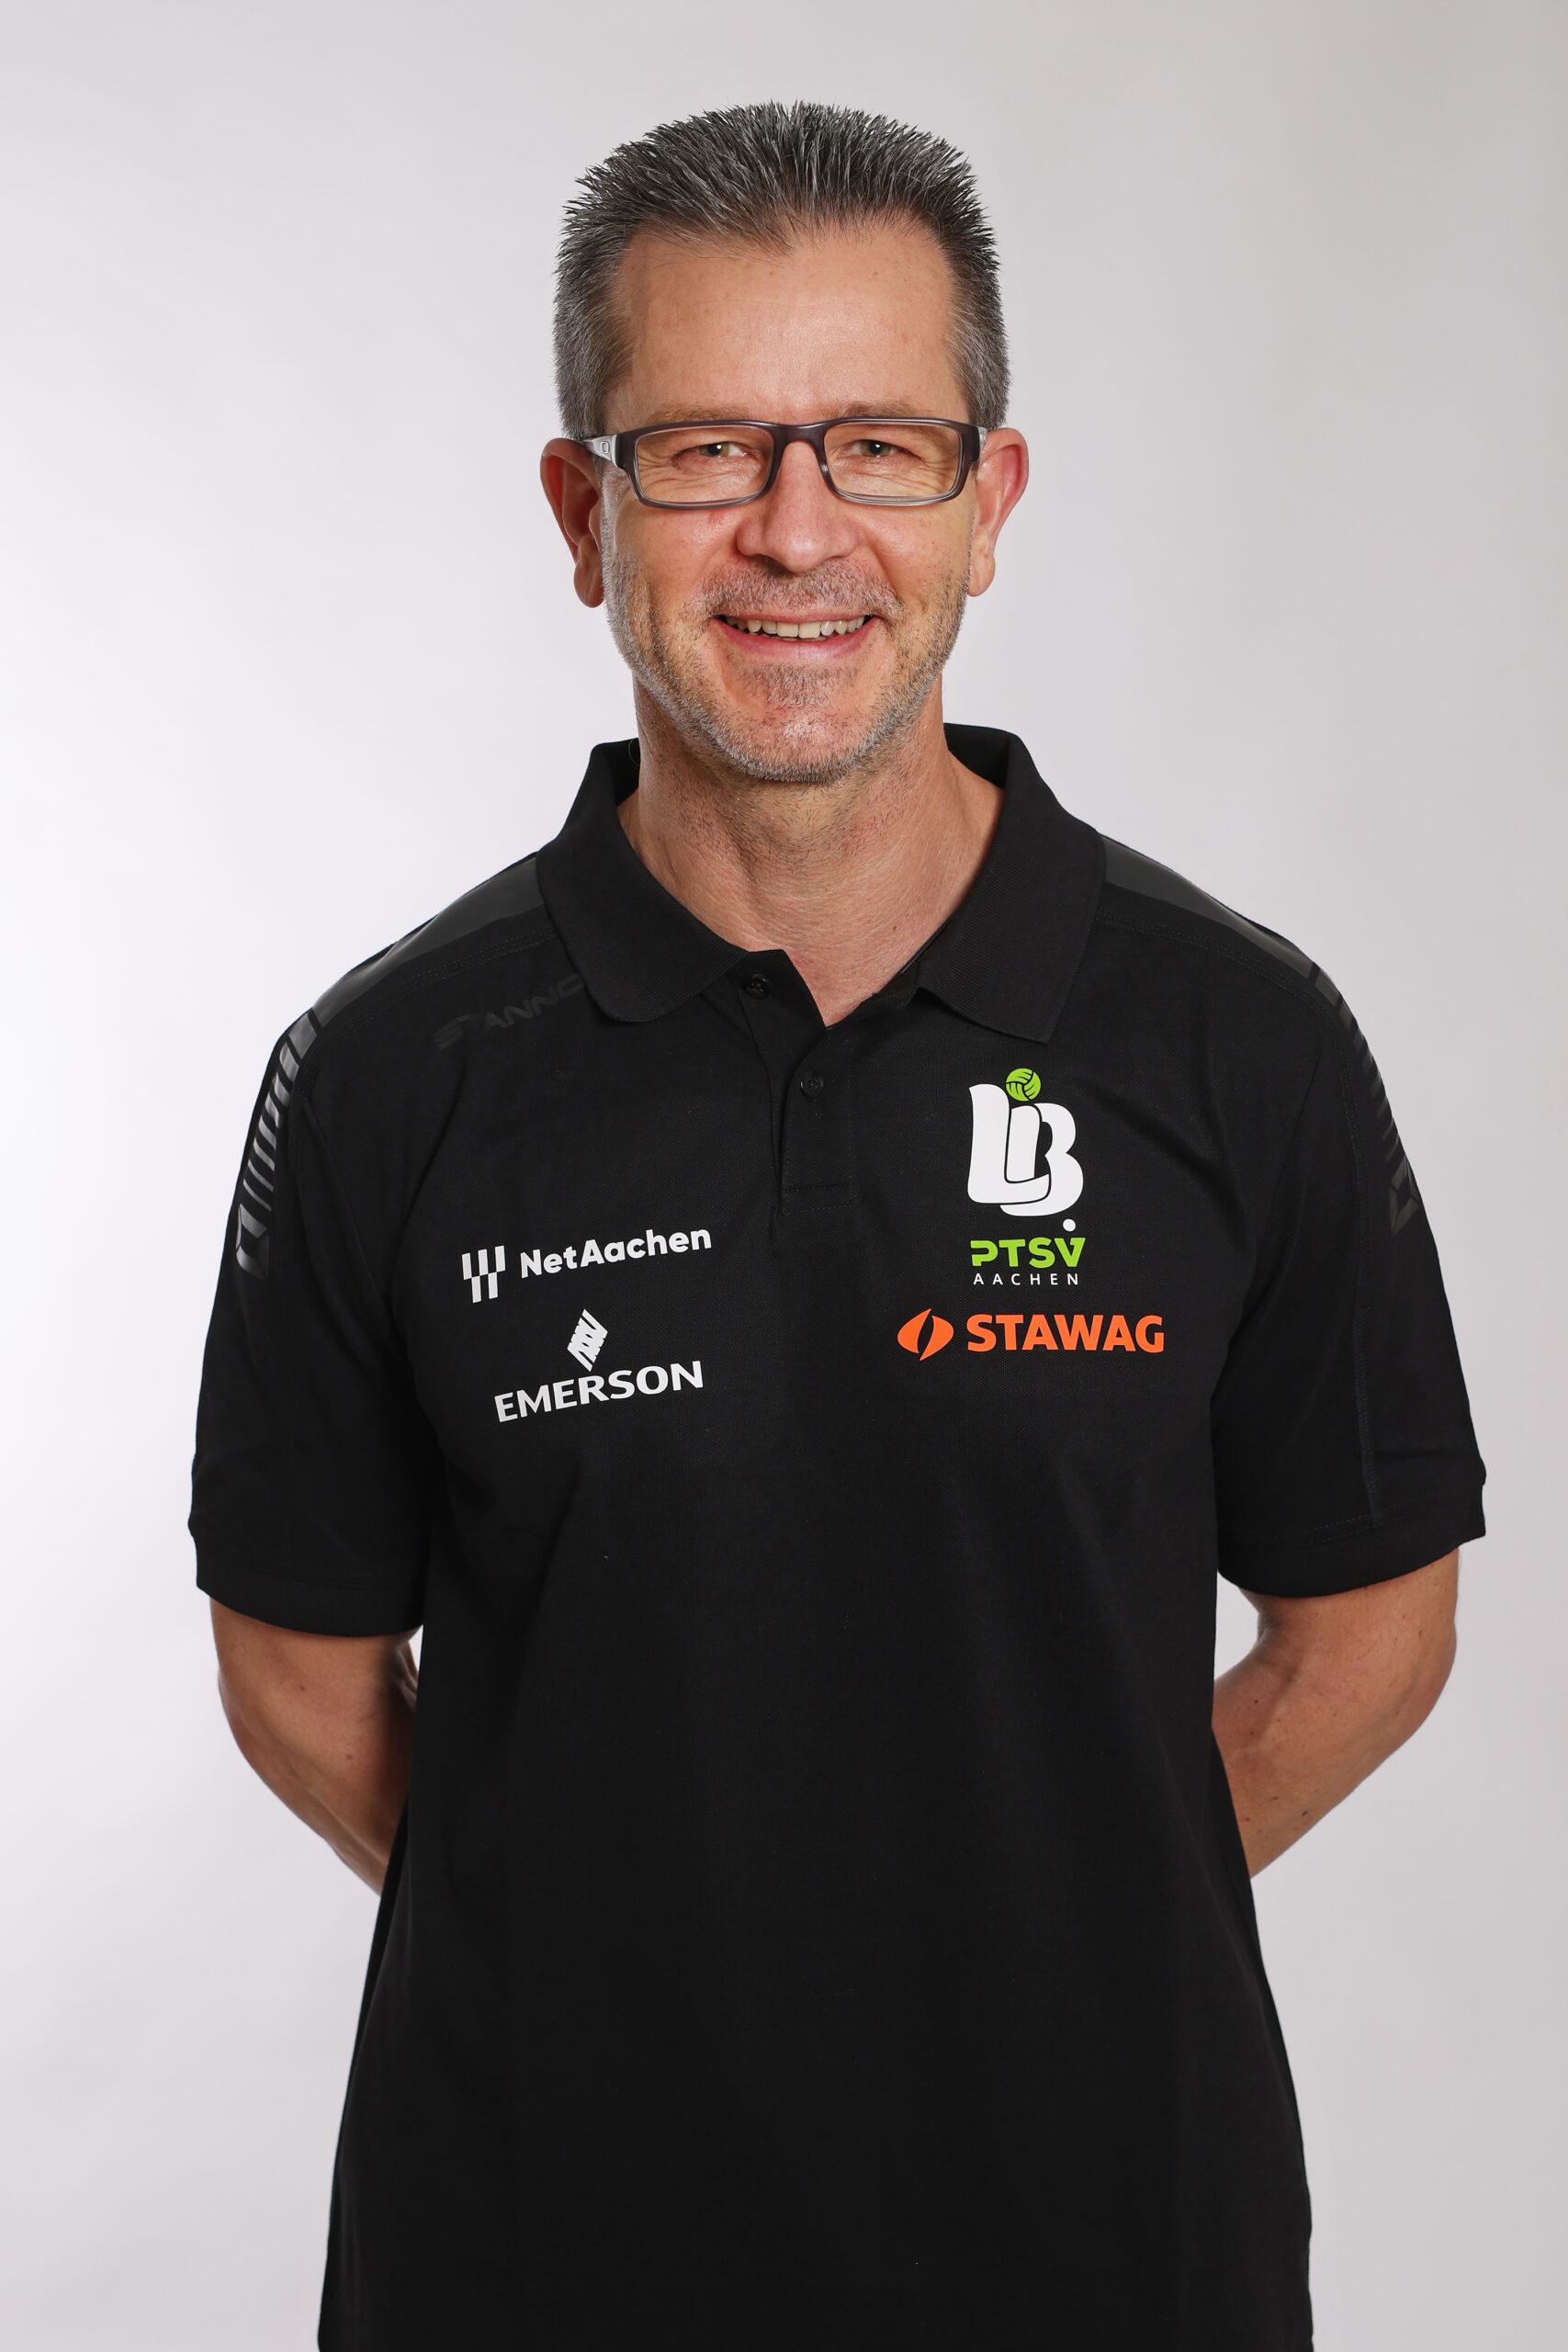 Stefan Braunsdorf